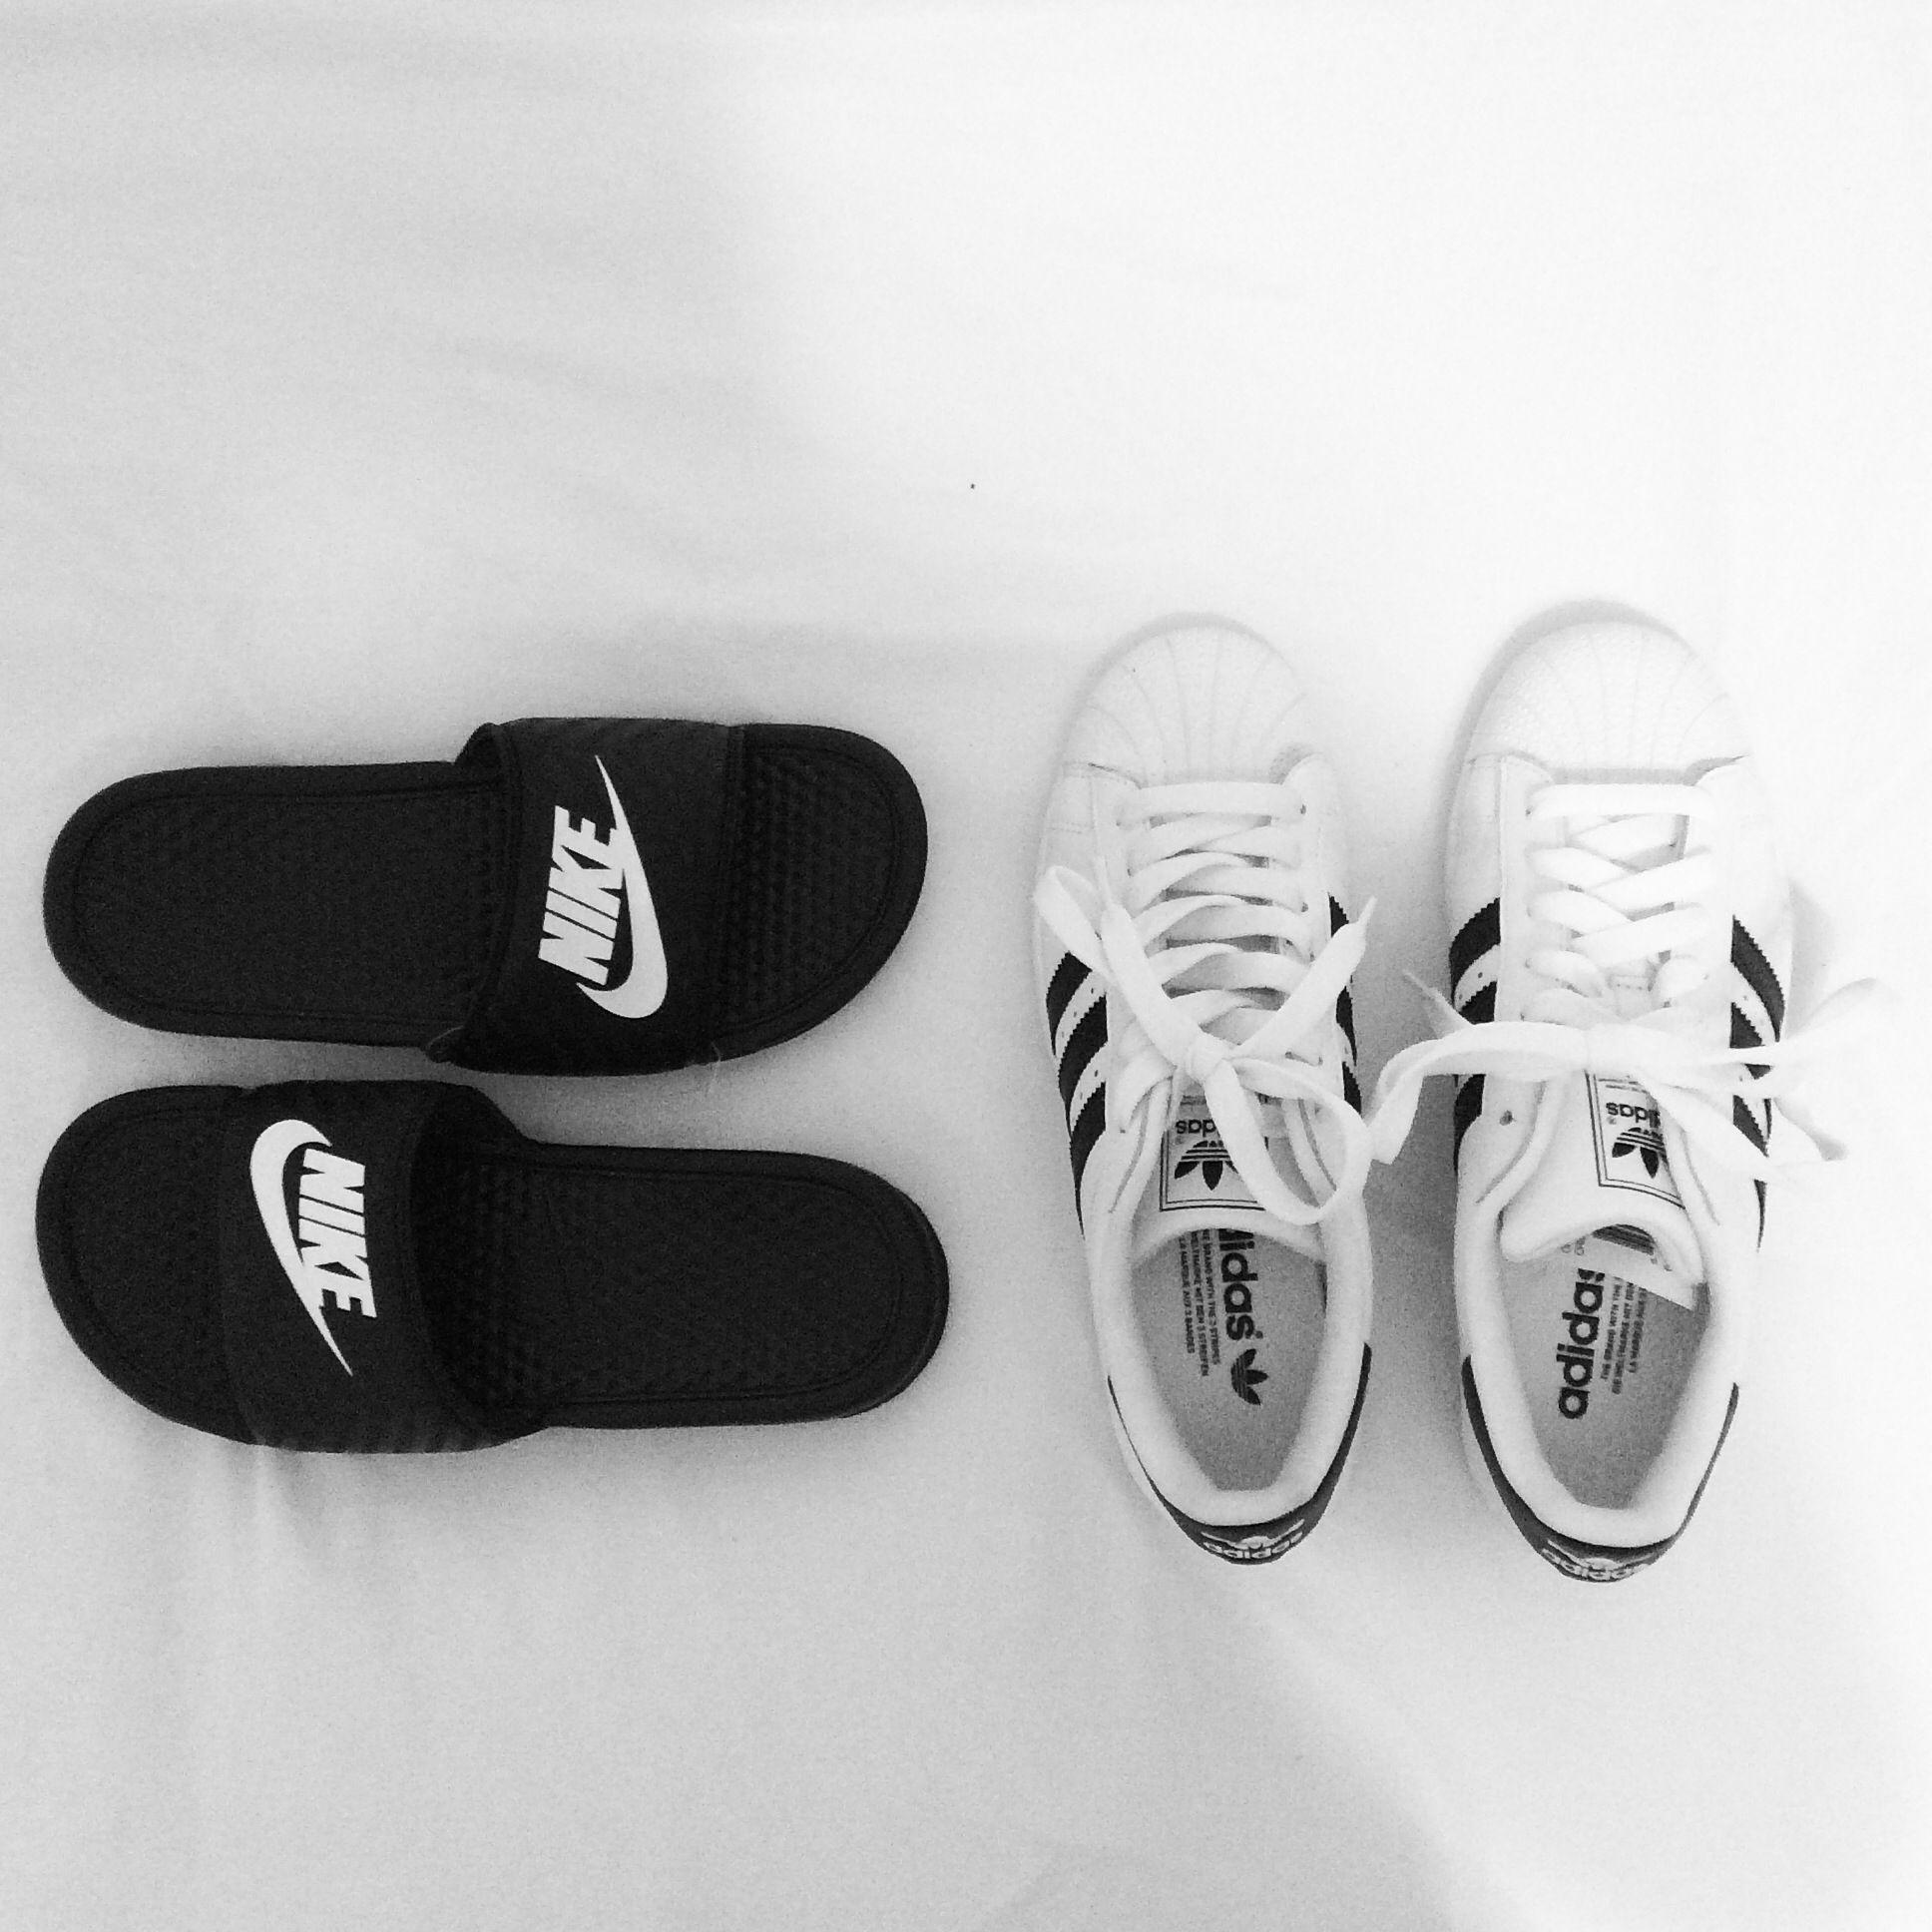 nike e adidas - scarpe pinterest adidas, calzature e scarpa partita